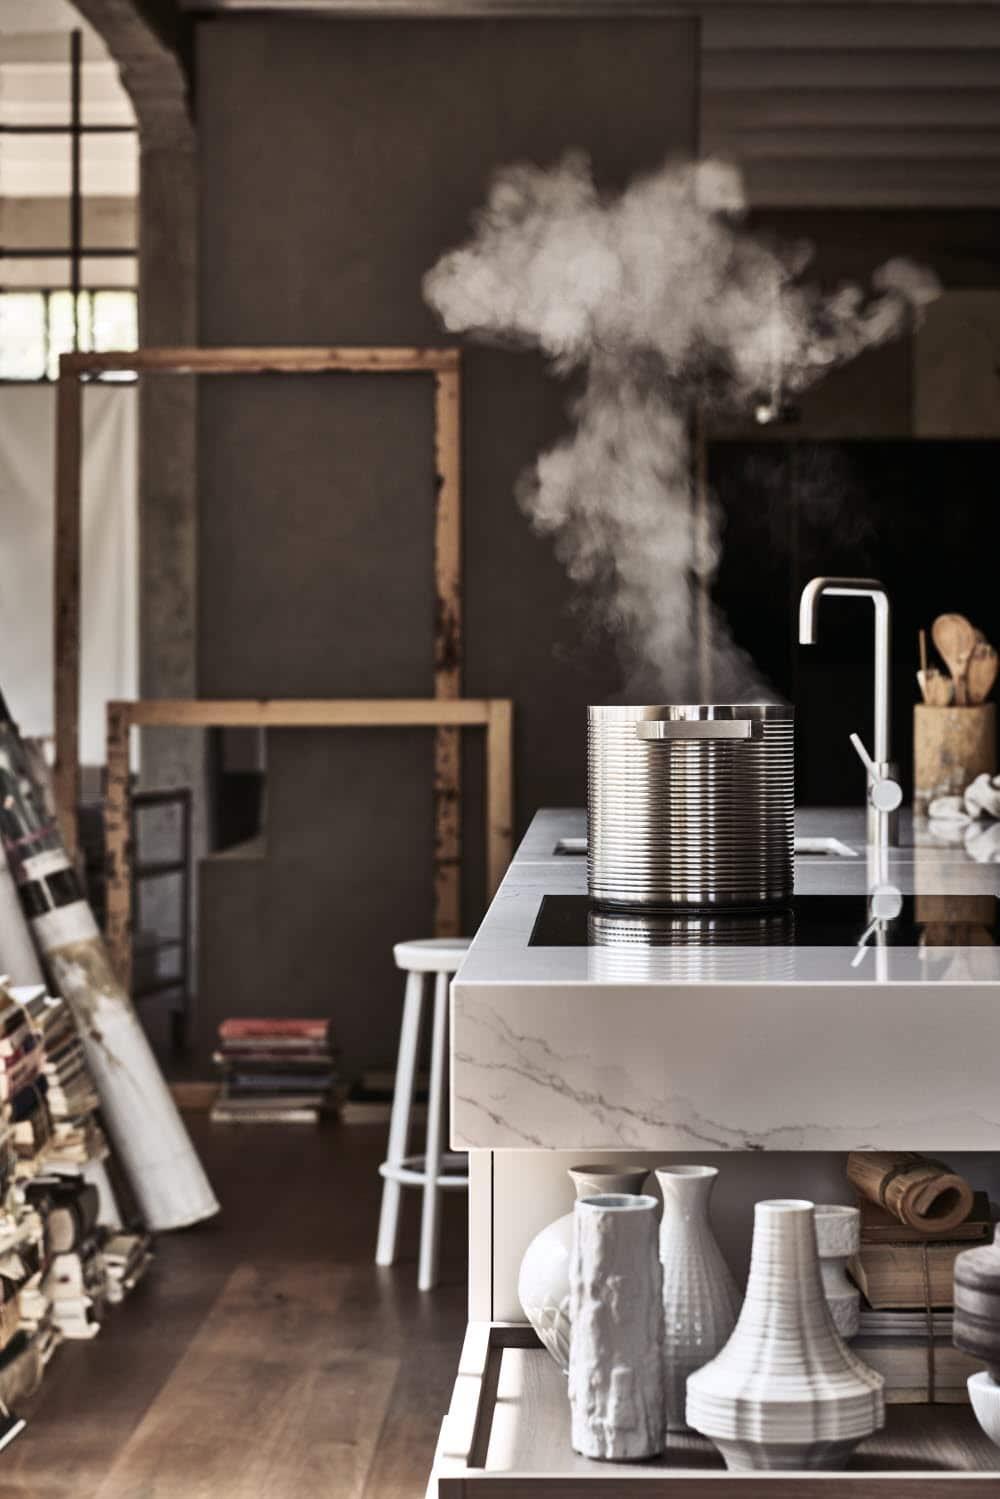 Poggenpohl +MODO ist ein Küchenmodell für die Kreativen und Kochliebhaber, die viel freie Fläche zum Kochen schätzen, aber auch Kochutensilien als Ausstellungsobjekte wertschätzen können. (Foto: Poggenpohl)